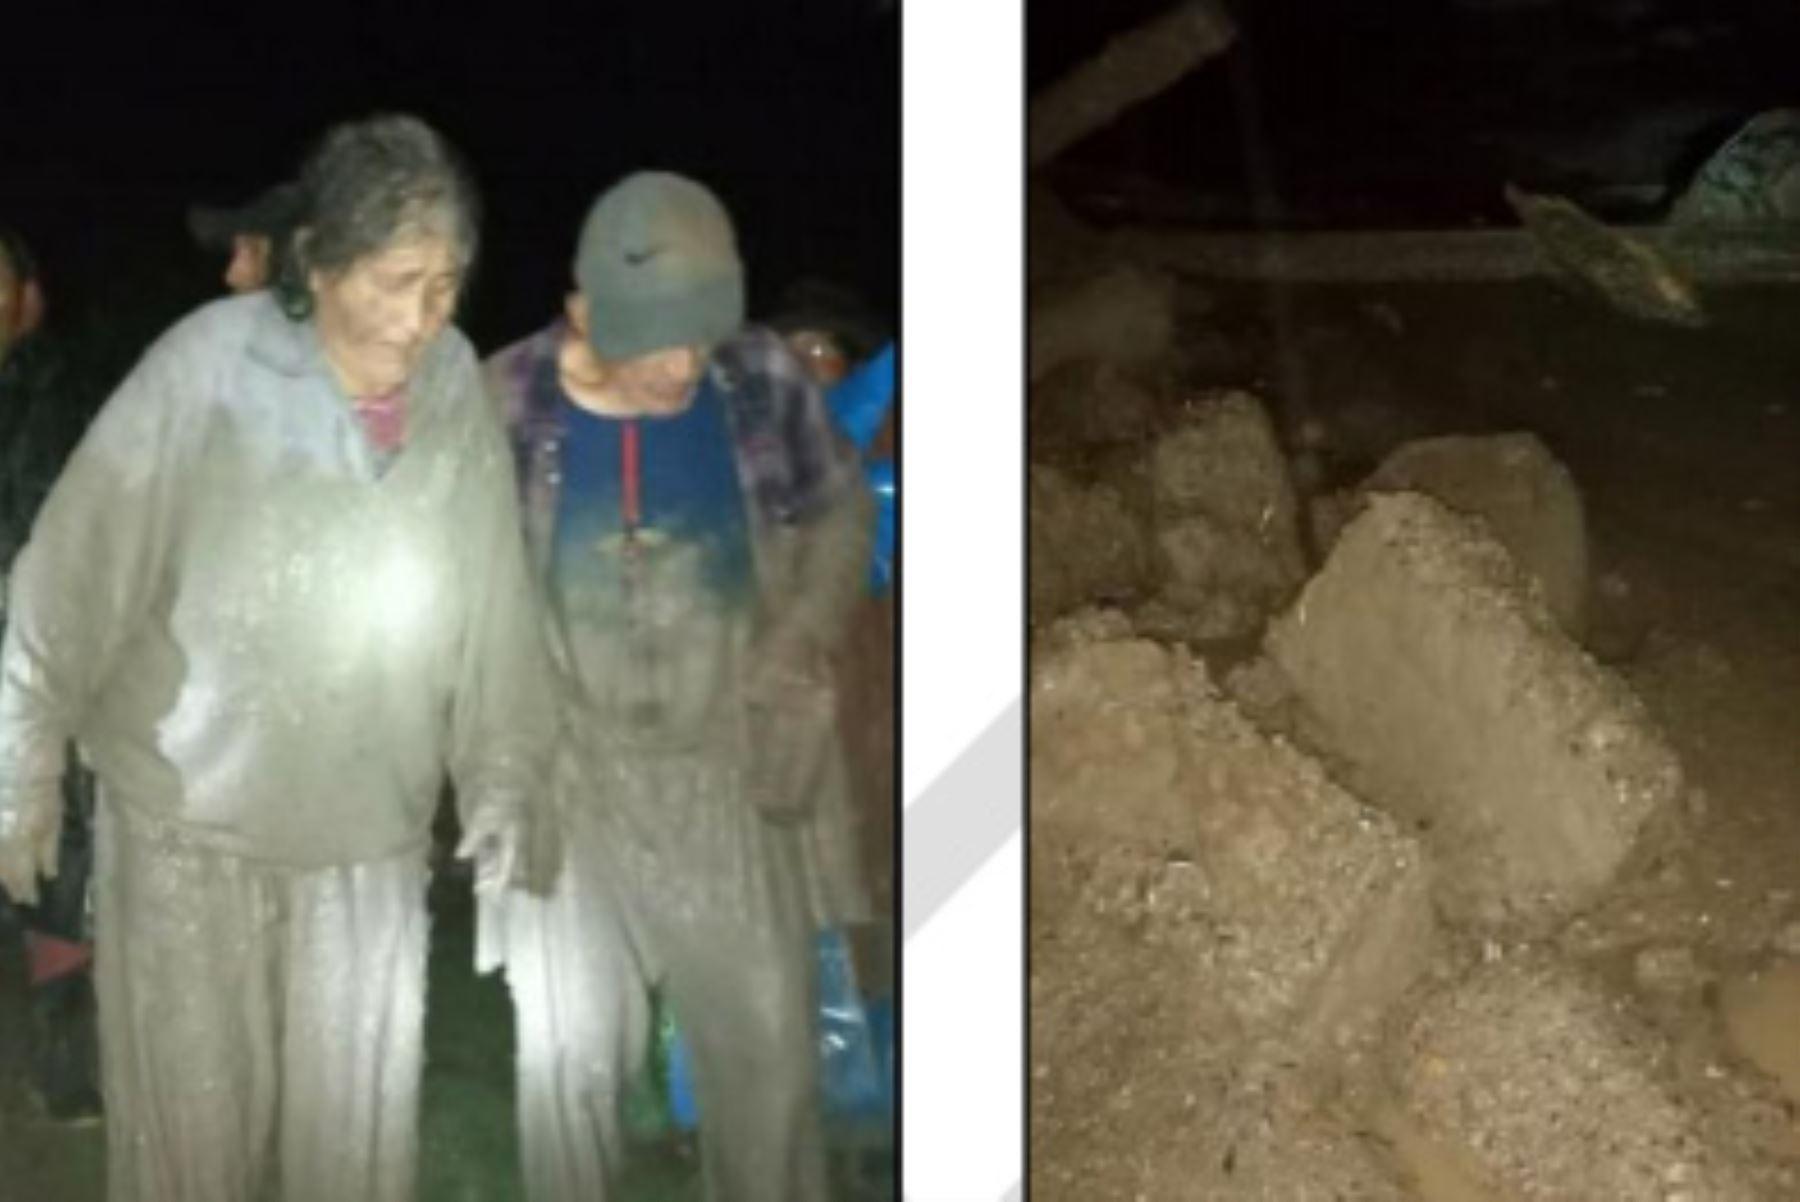 Las lluvias intensas ocasionaron la activación del riachuelo Cocas, que provocó un huaico en el centro poblado de Cocas, región Ayacucho.